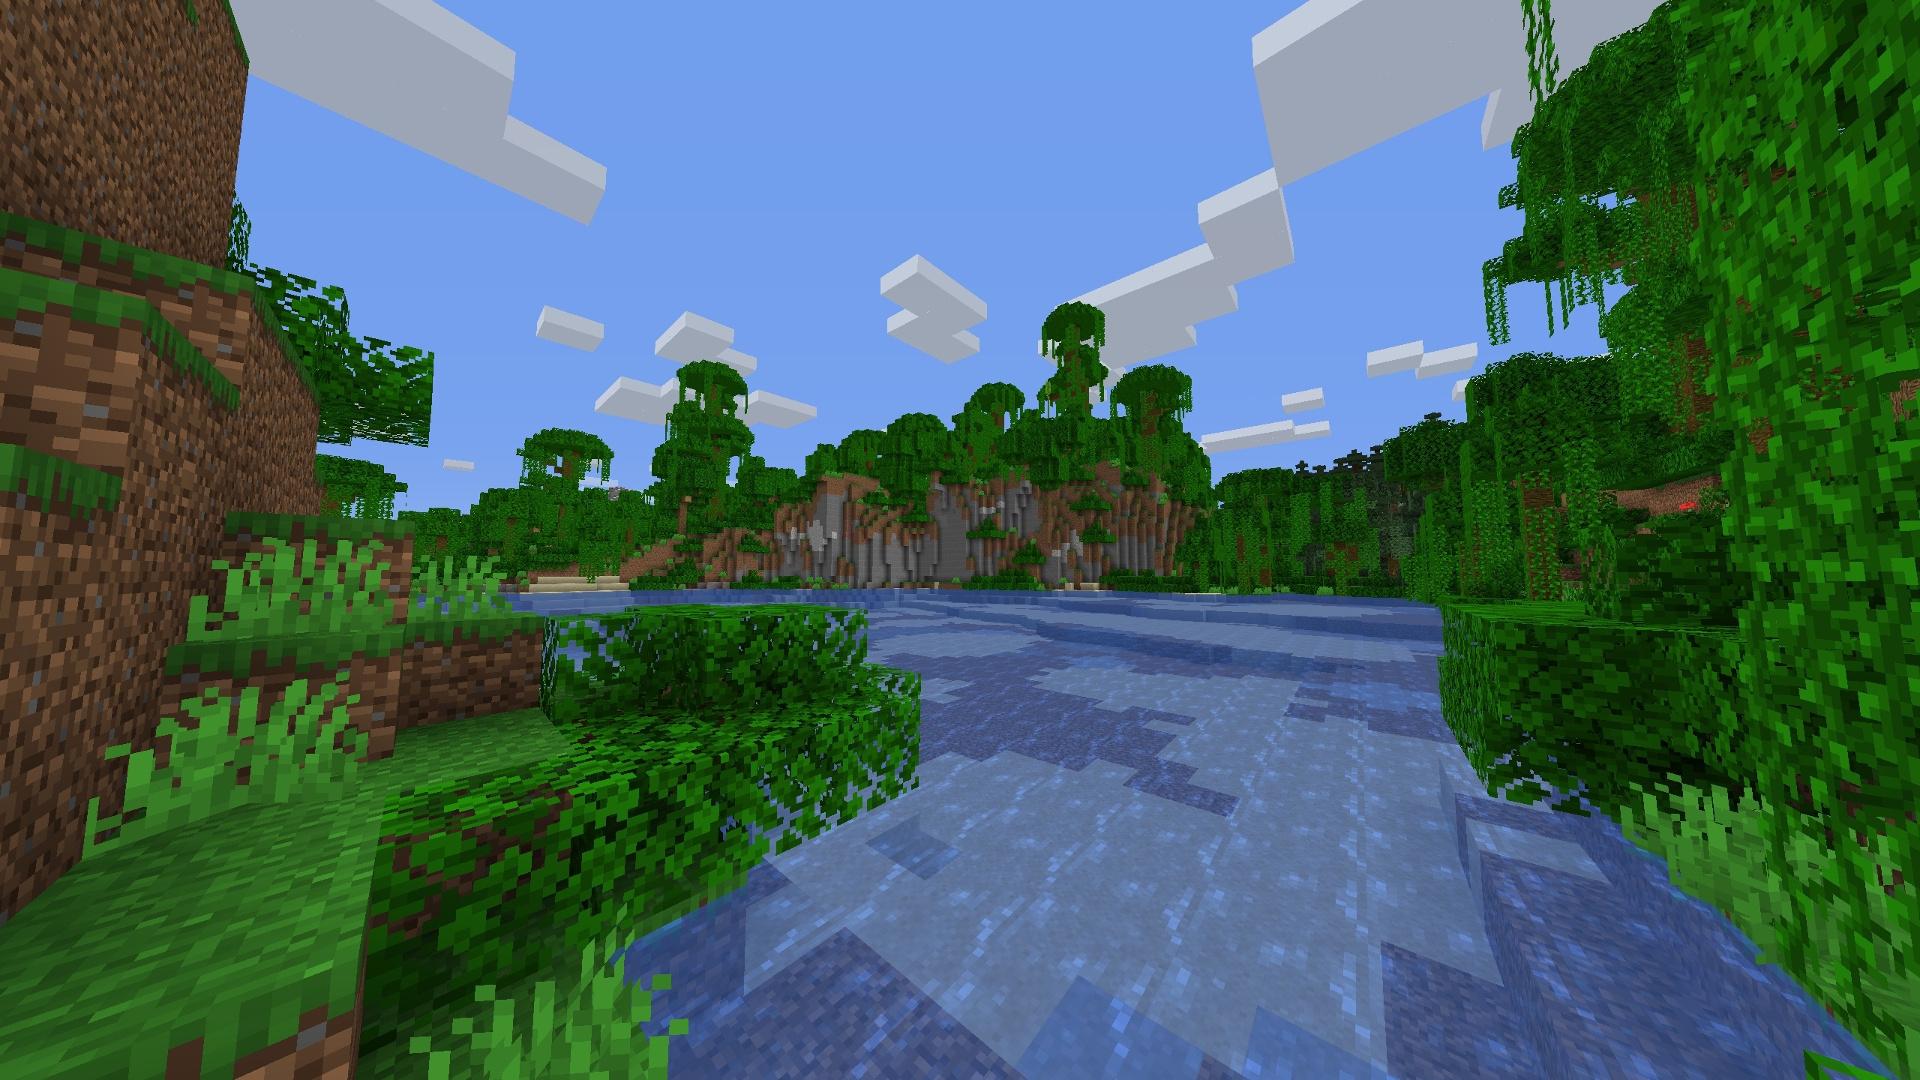 Here's Markiplier's Minecraft seeds